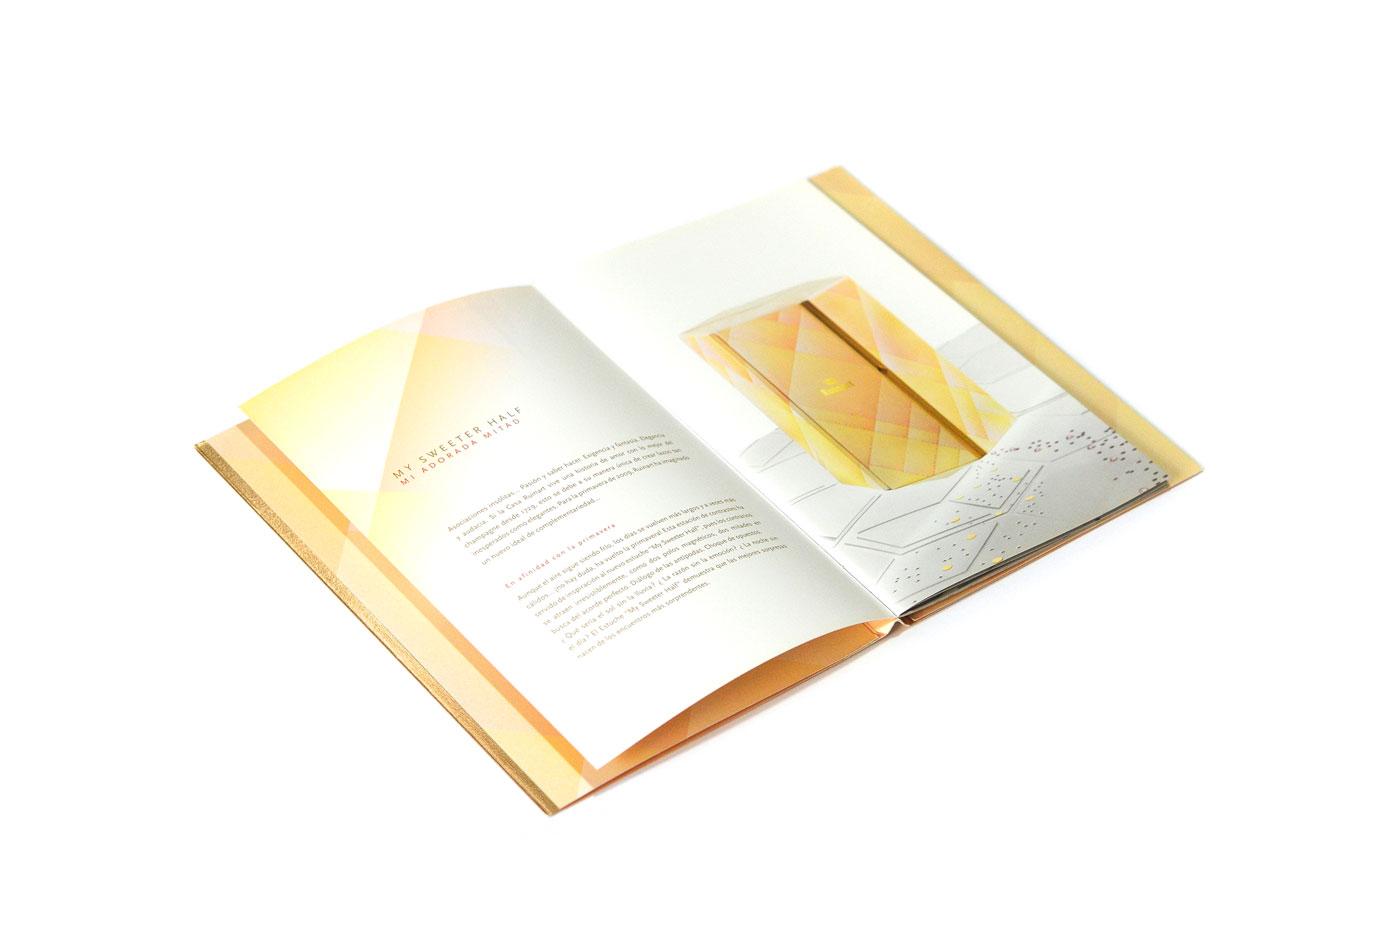 Identité Ruinart - Un design pensé par l'agence de design de Paris Partisan du Sens.